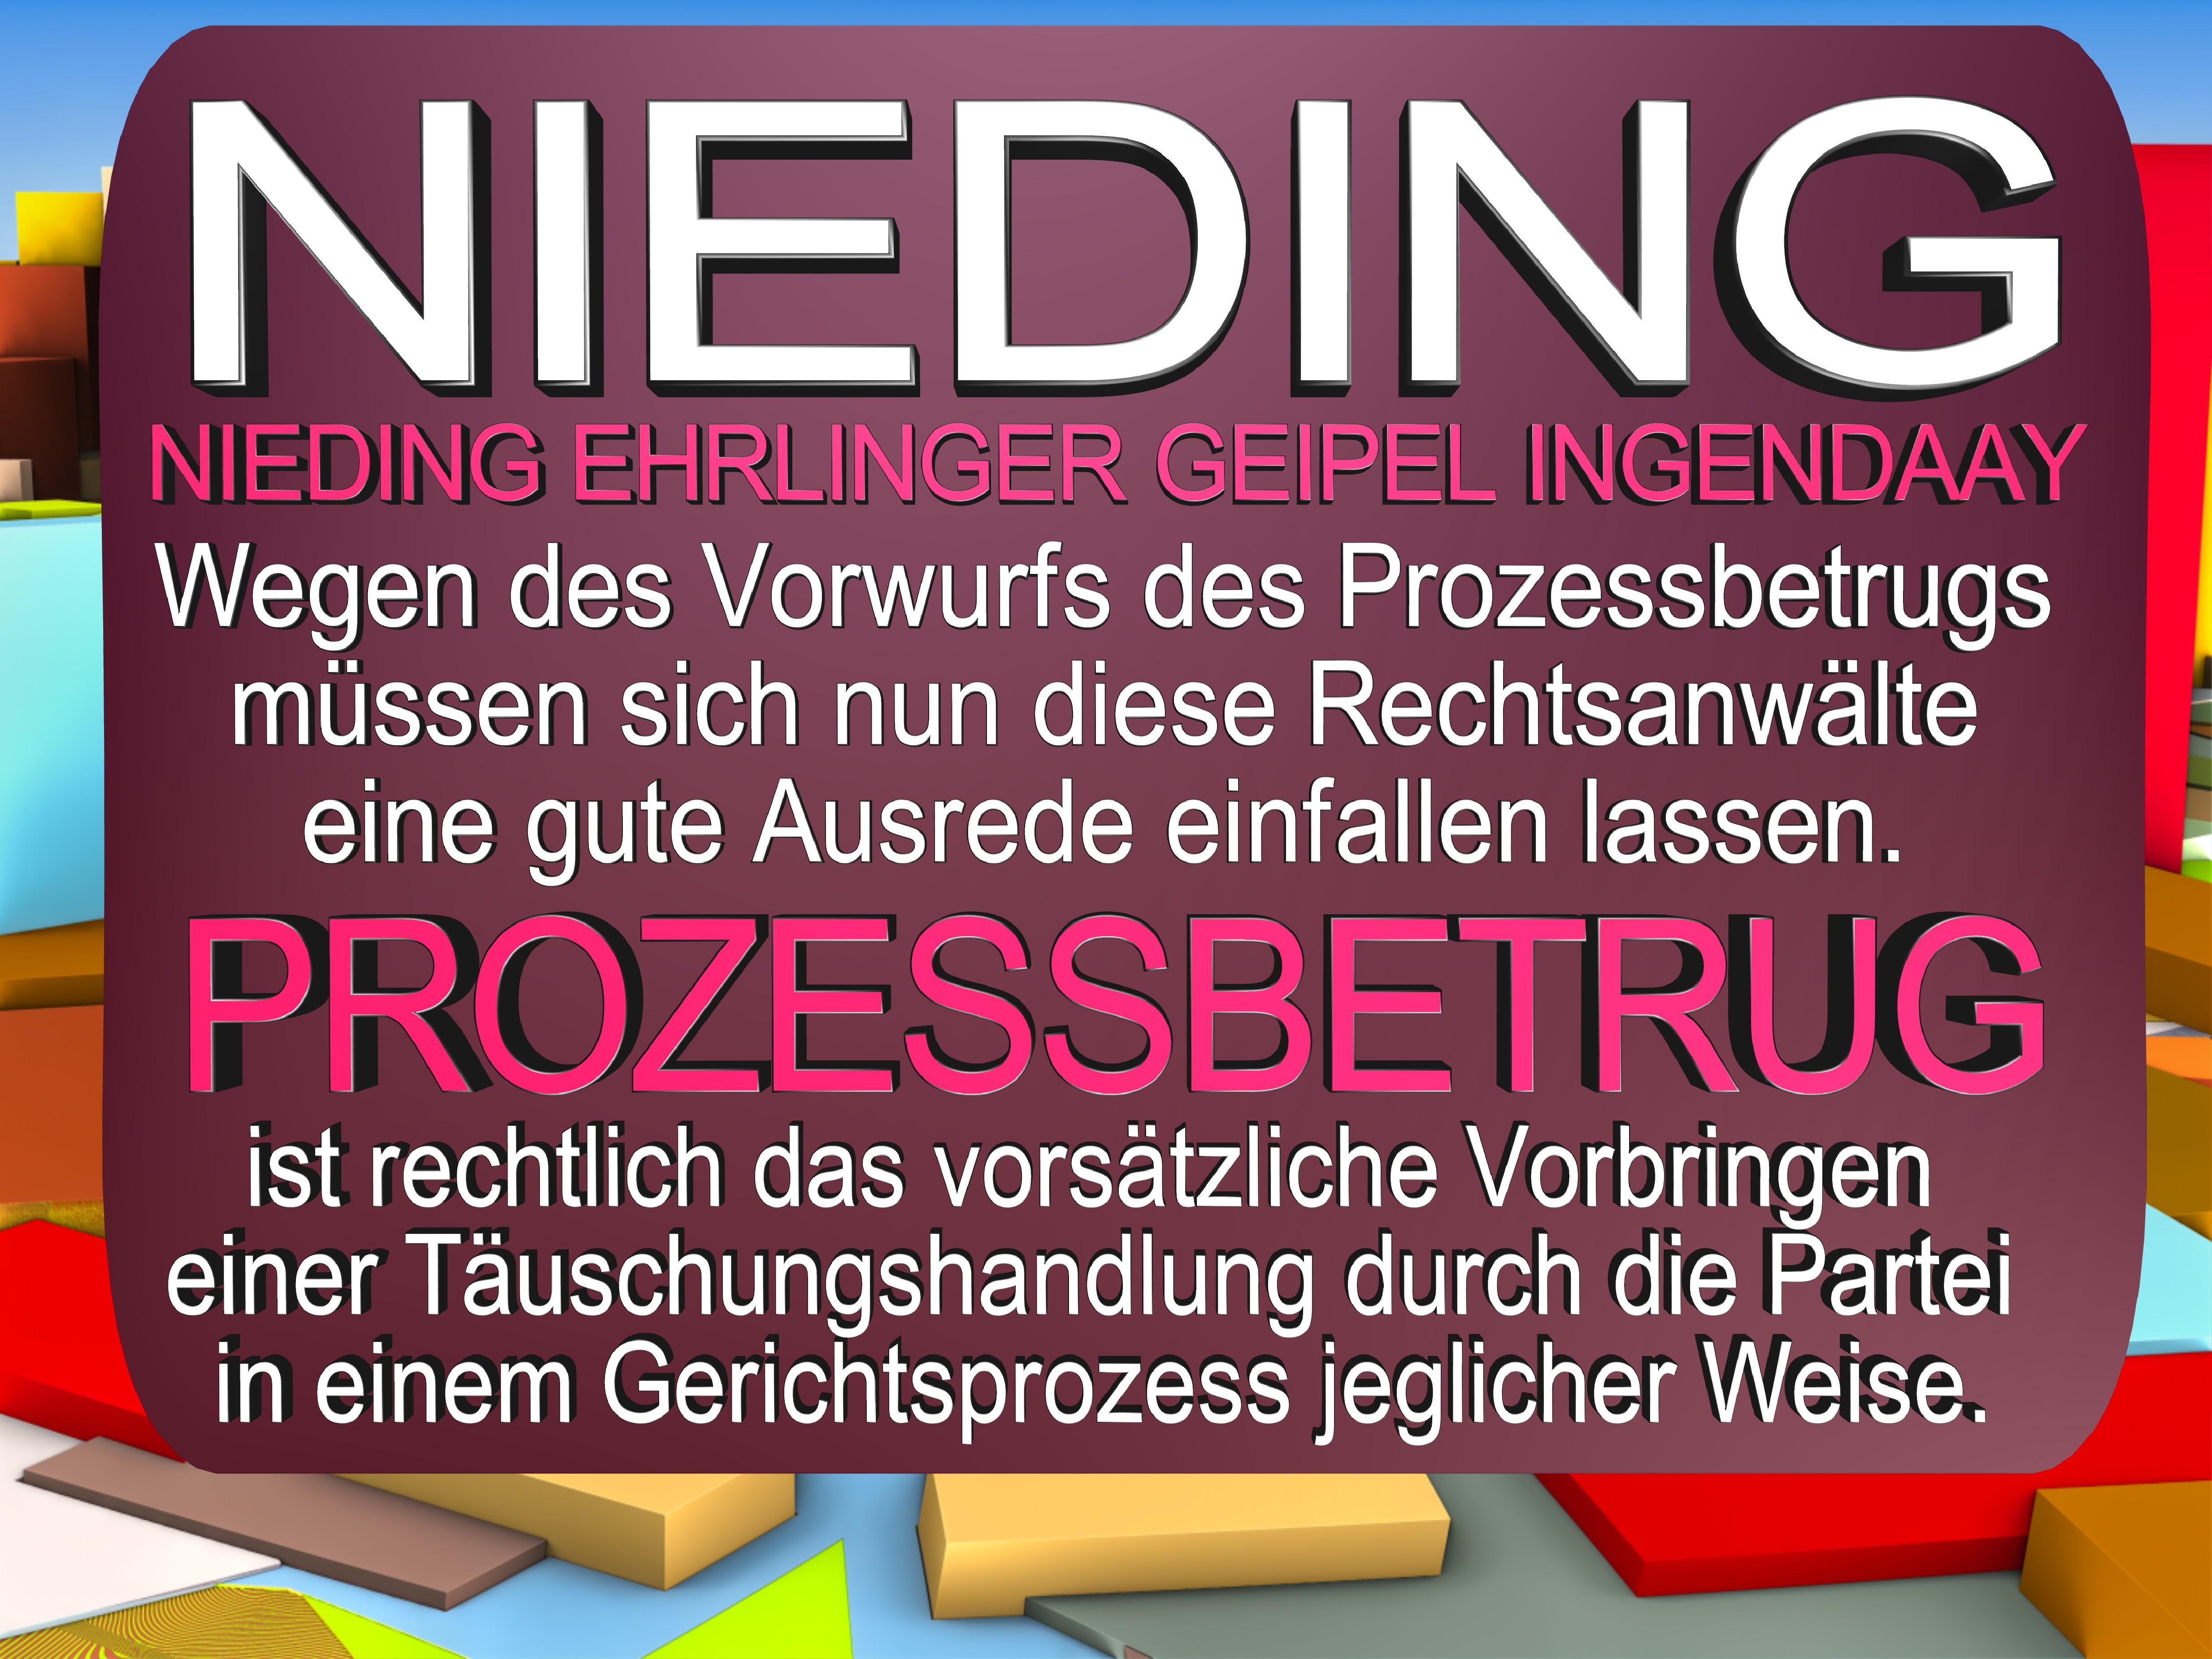 NIEDING EHRLINGER GEIPEL INGENDAAY LELKE Kurfürstendamm 66 Berlin (118)